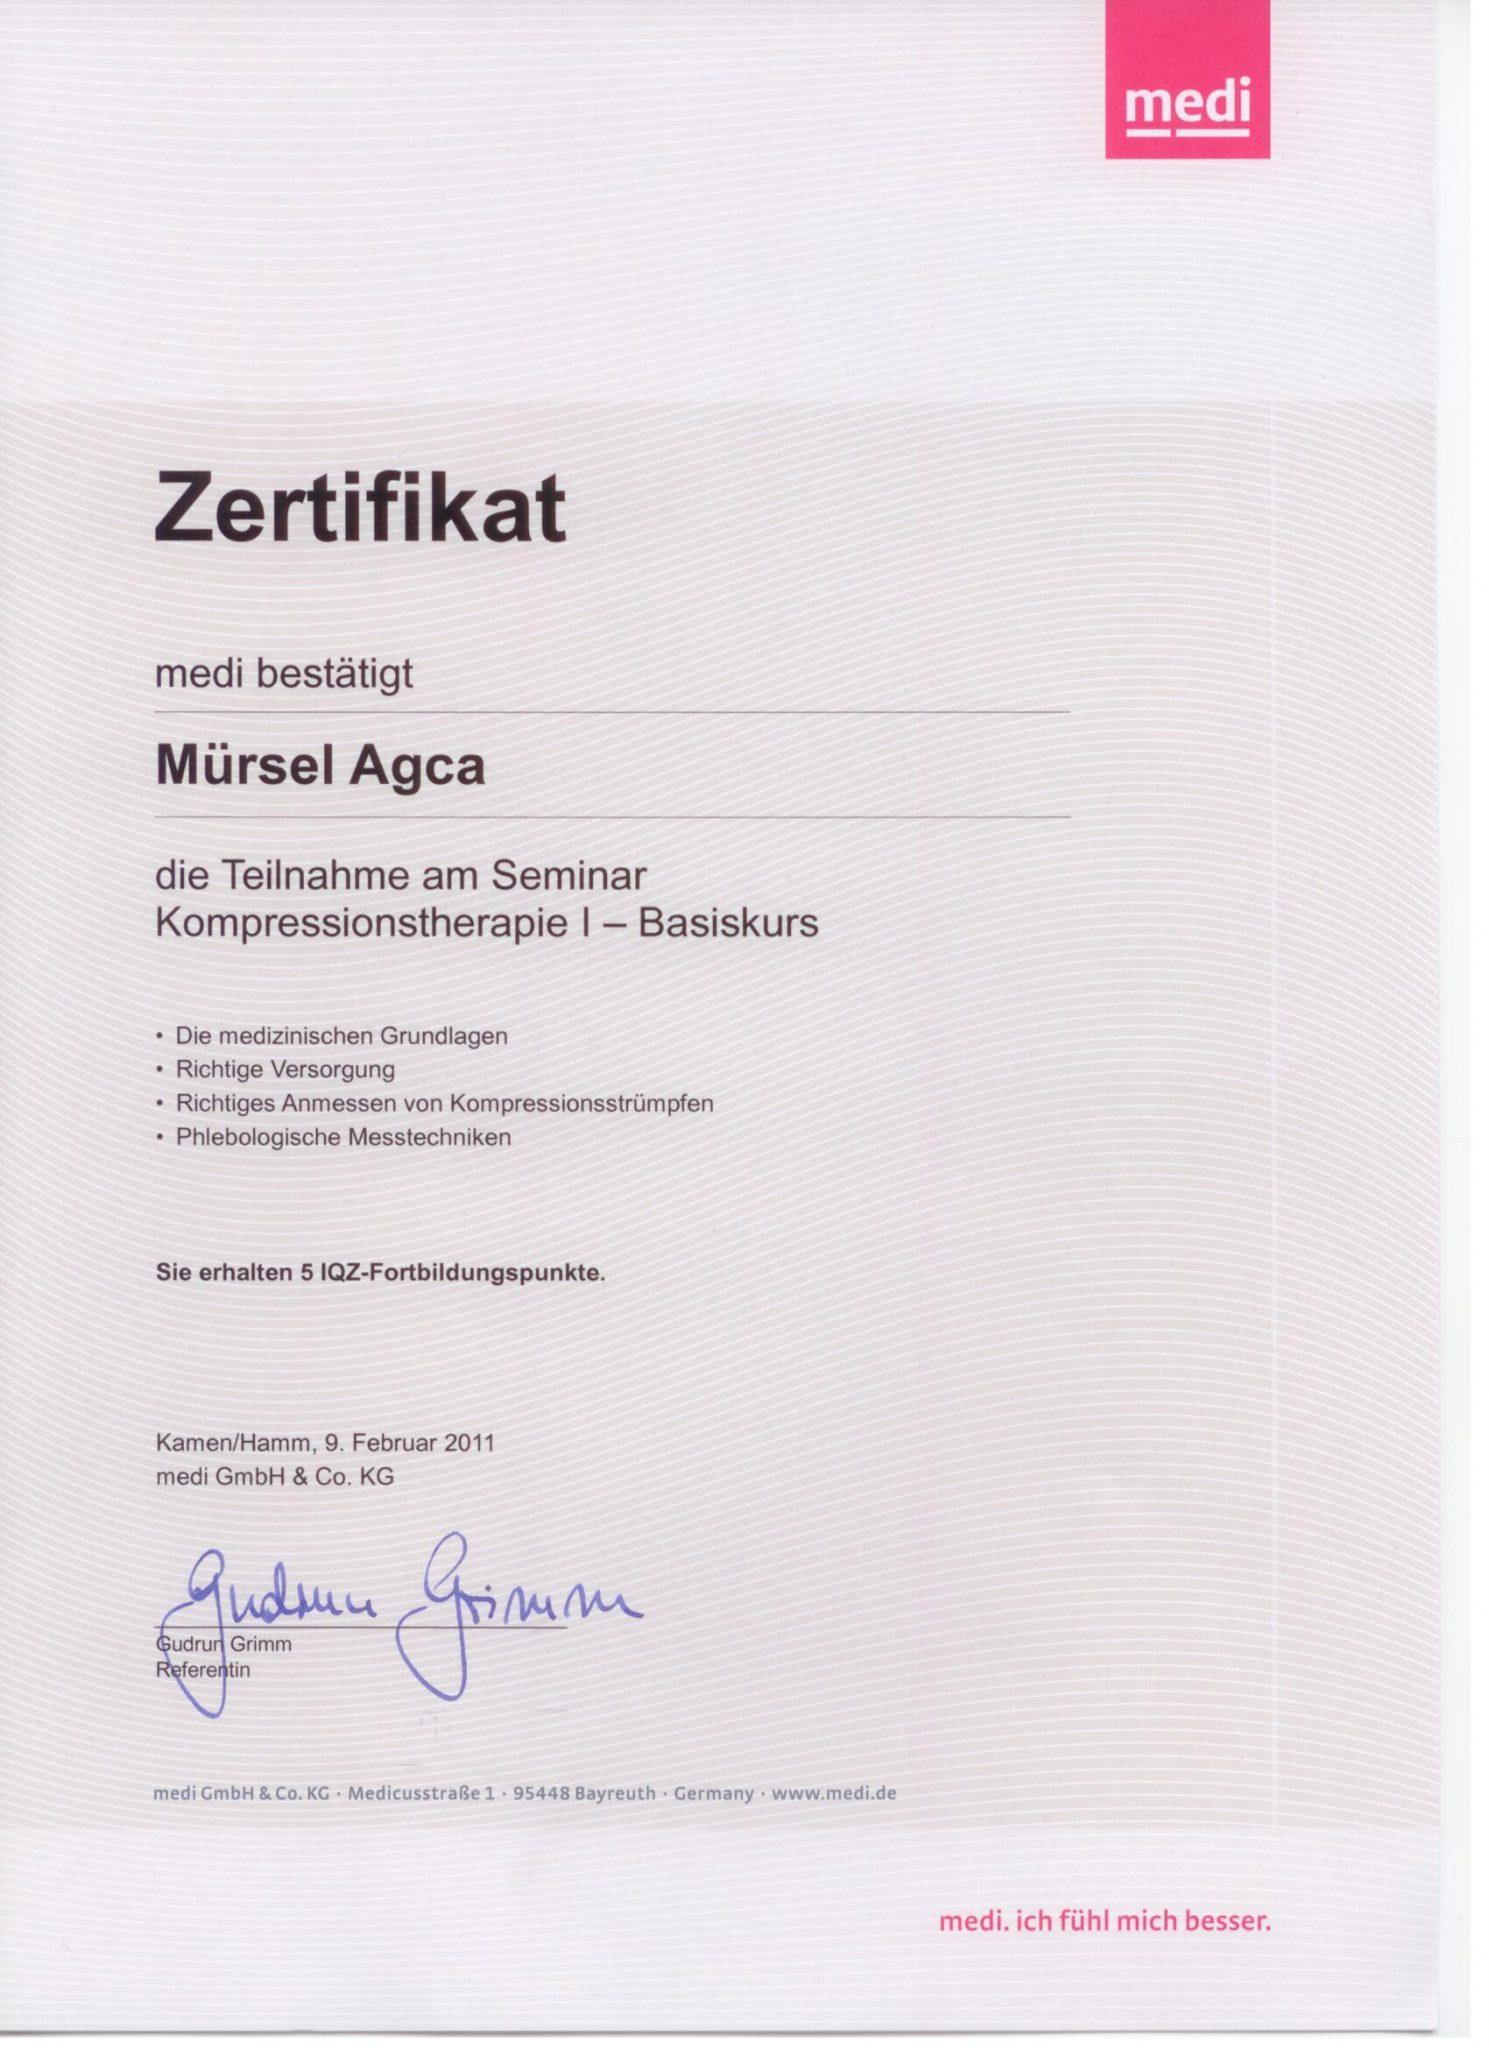 Charmant Zertifikat Der Teilnahme Vorlage Ideen - Entry Level Resume ...